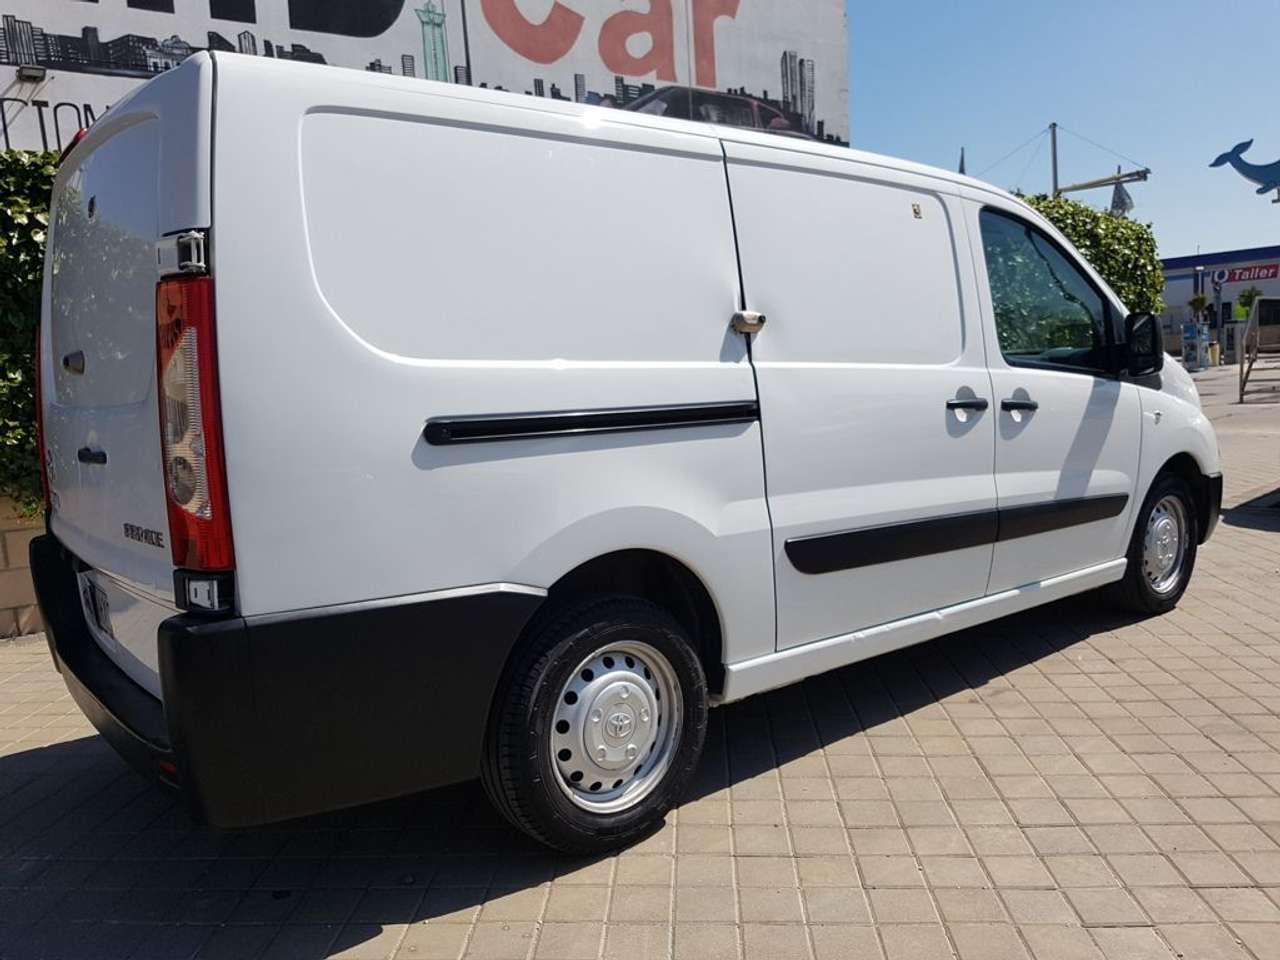 MIDCar coches ocasión Madrid Toyota Proace L2 2.0D Active 128Cv 6 Velocidades